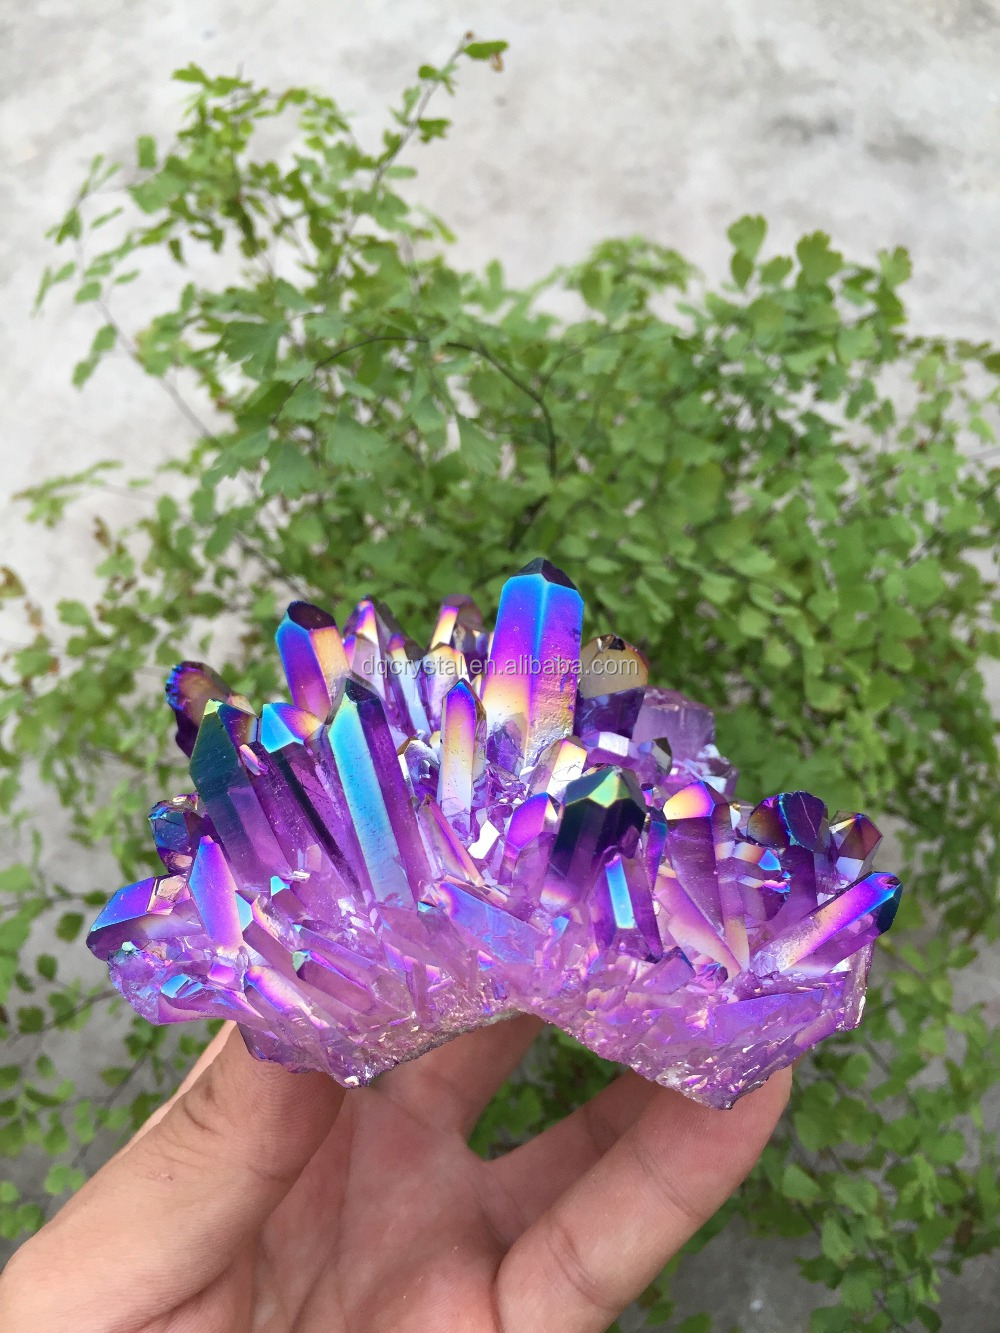 Pequeno roxo galvanoplastia geodos de cristal para decoração de casa